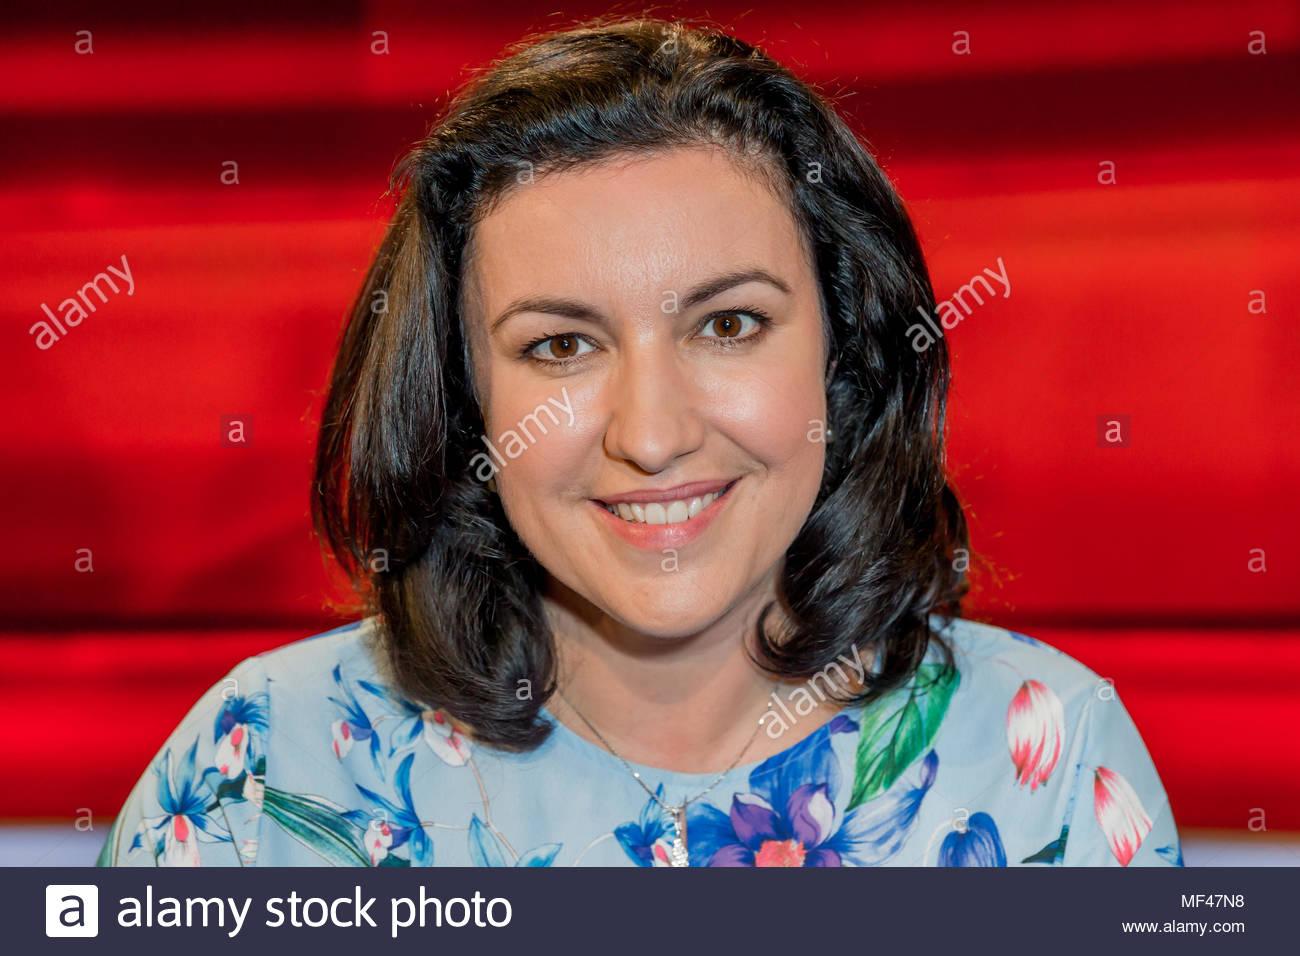 Dorothee Baer, CSU, Staatsministerin für Digitalisierung bei der Bundeskanzlerin im Fernsehstudio bei Hart aber fair im Studio Adlershof in Berlin. - Stock Image